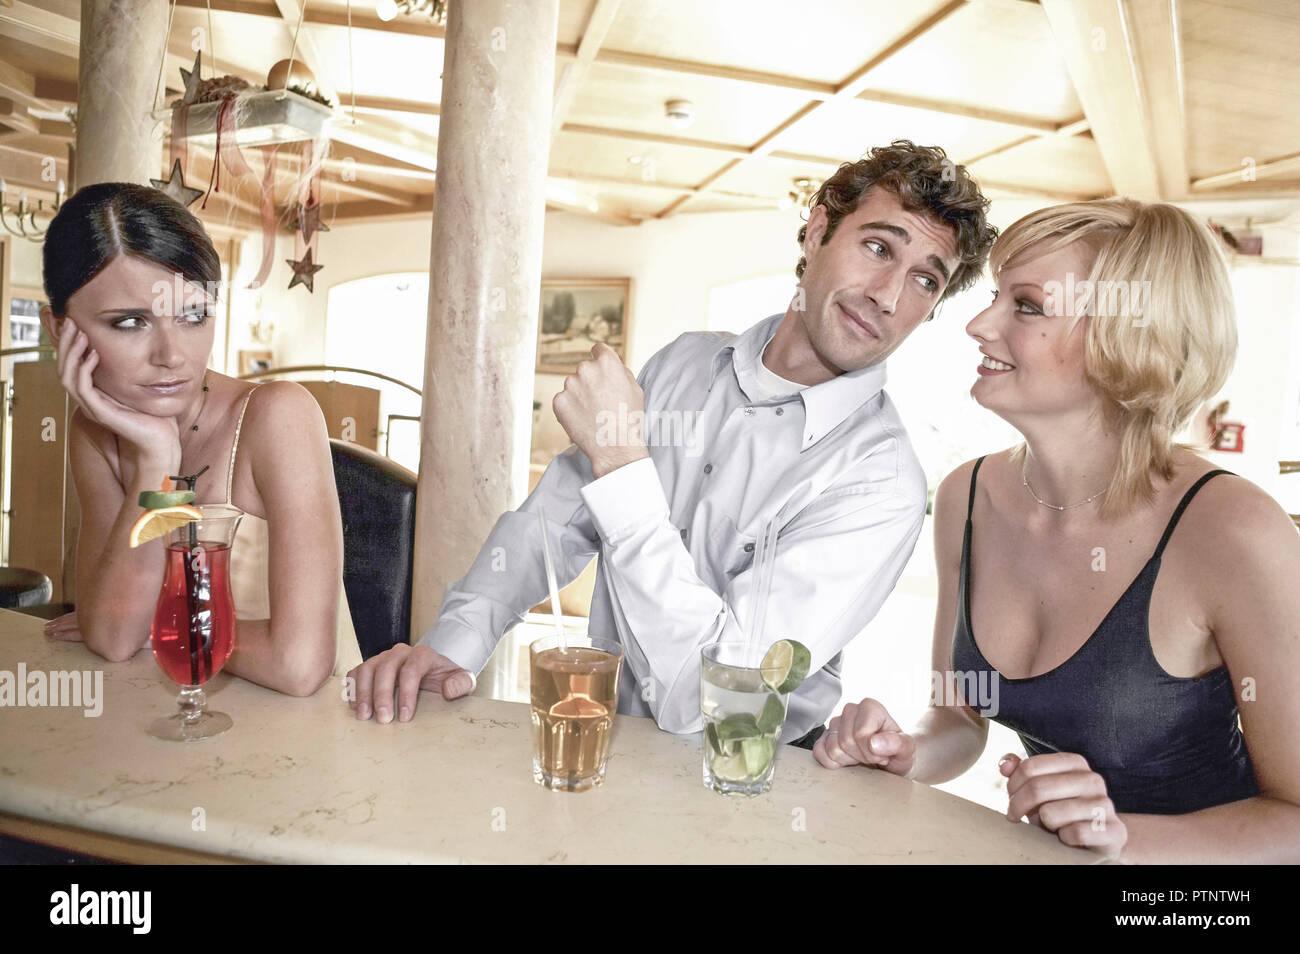 Eine handvoll guter Flirttipps: 5 für IHN, 5 für SIE